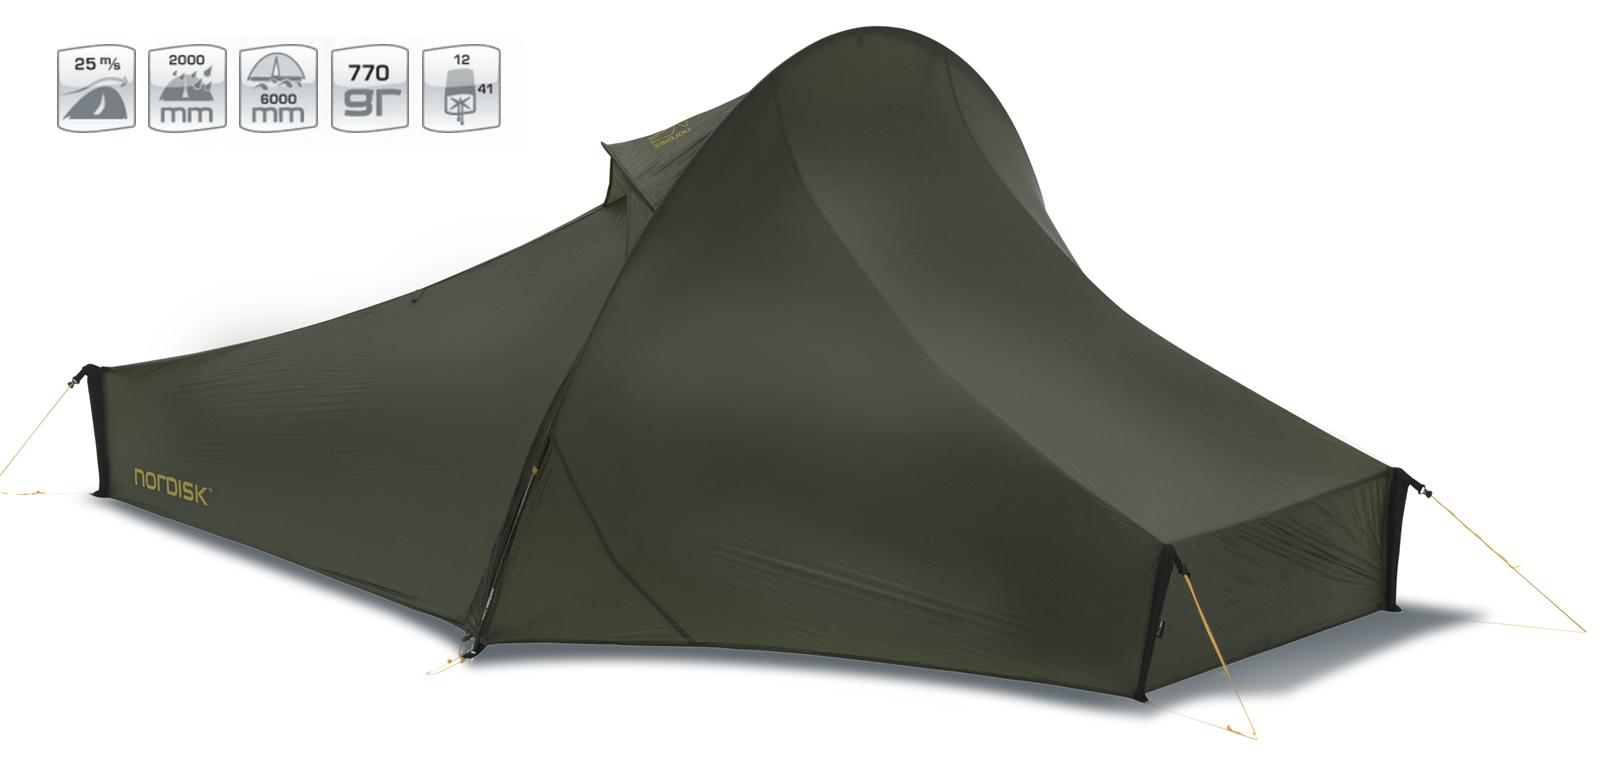 【国内正規品】NORDISK テント Telemark 1 ULW (テレマーク1 ULW)フォレスト・グリーン[151009]【送料無料/代引き無料】(ノルディスク テント 1人用 ティーレマルク キャンプ用品 キャンプテント アウトドア特集 おし【SUMMER_D1